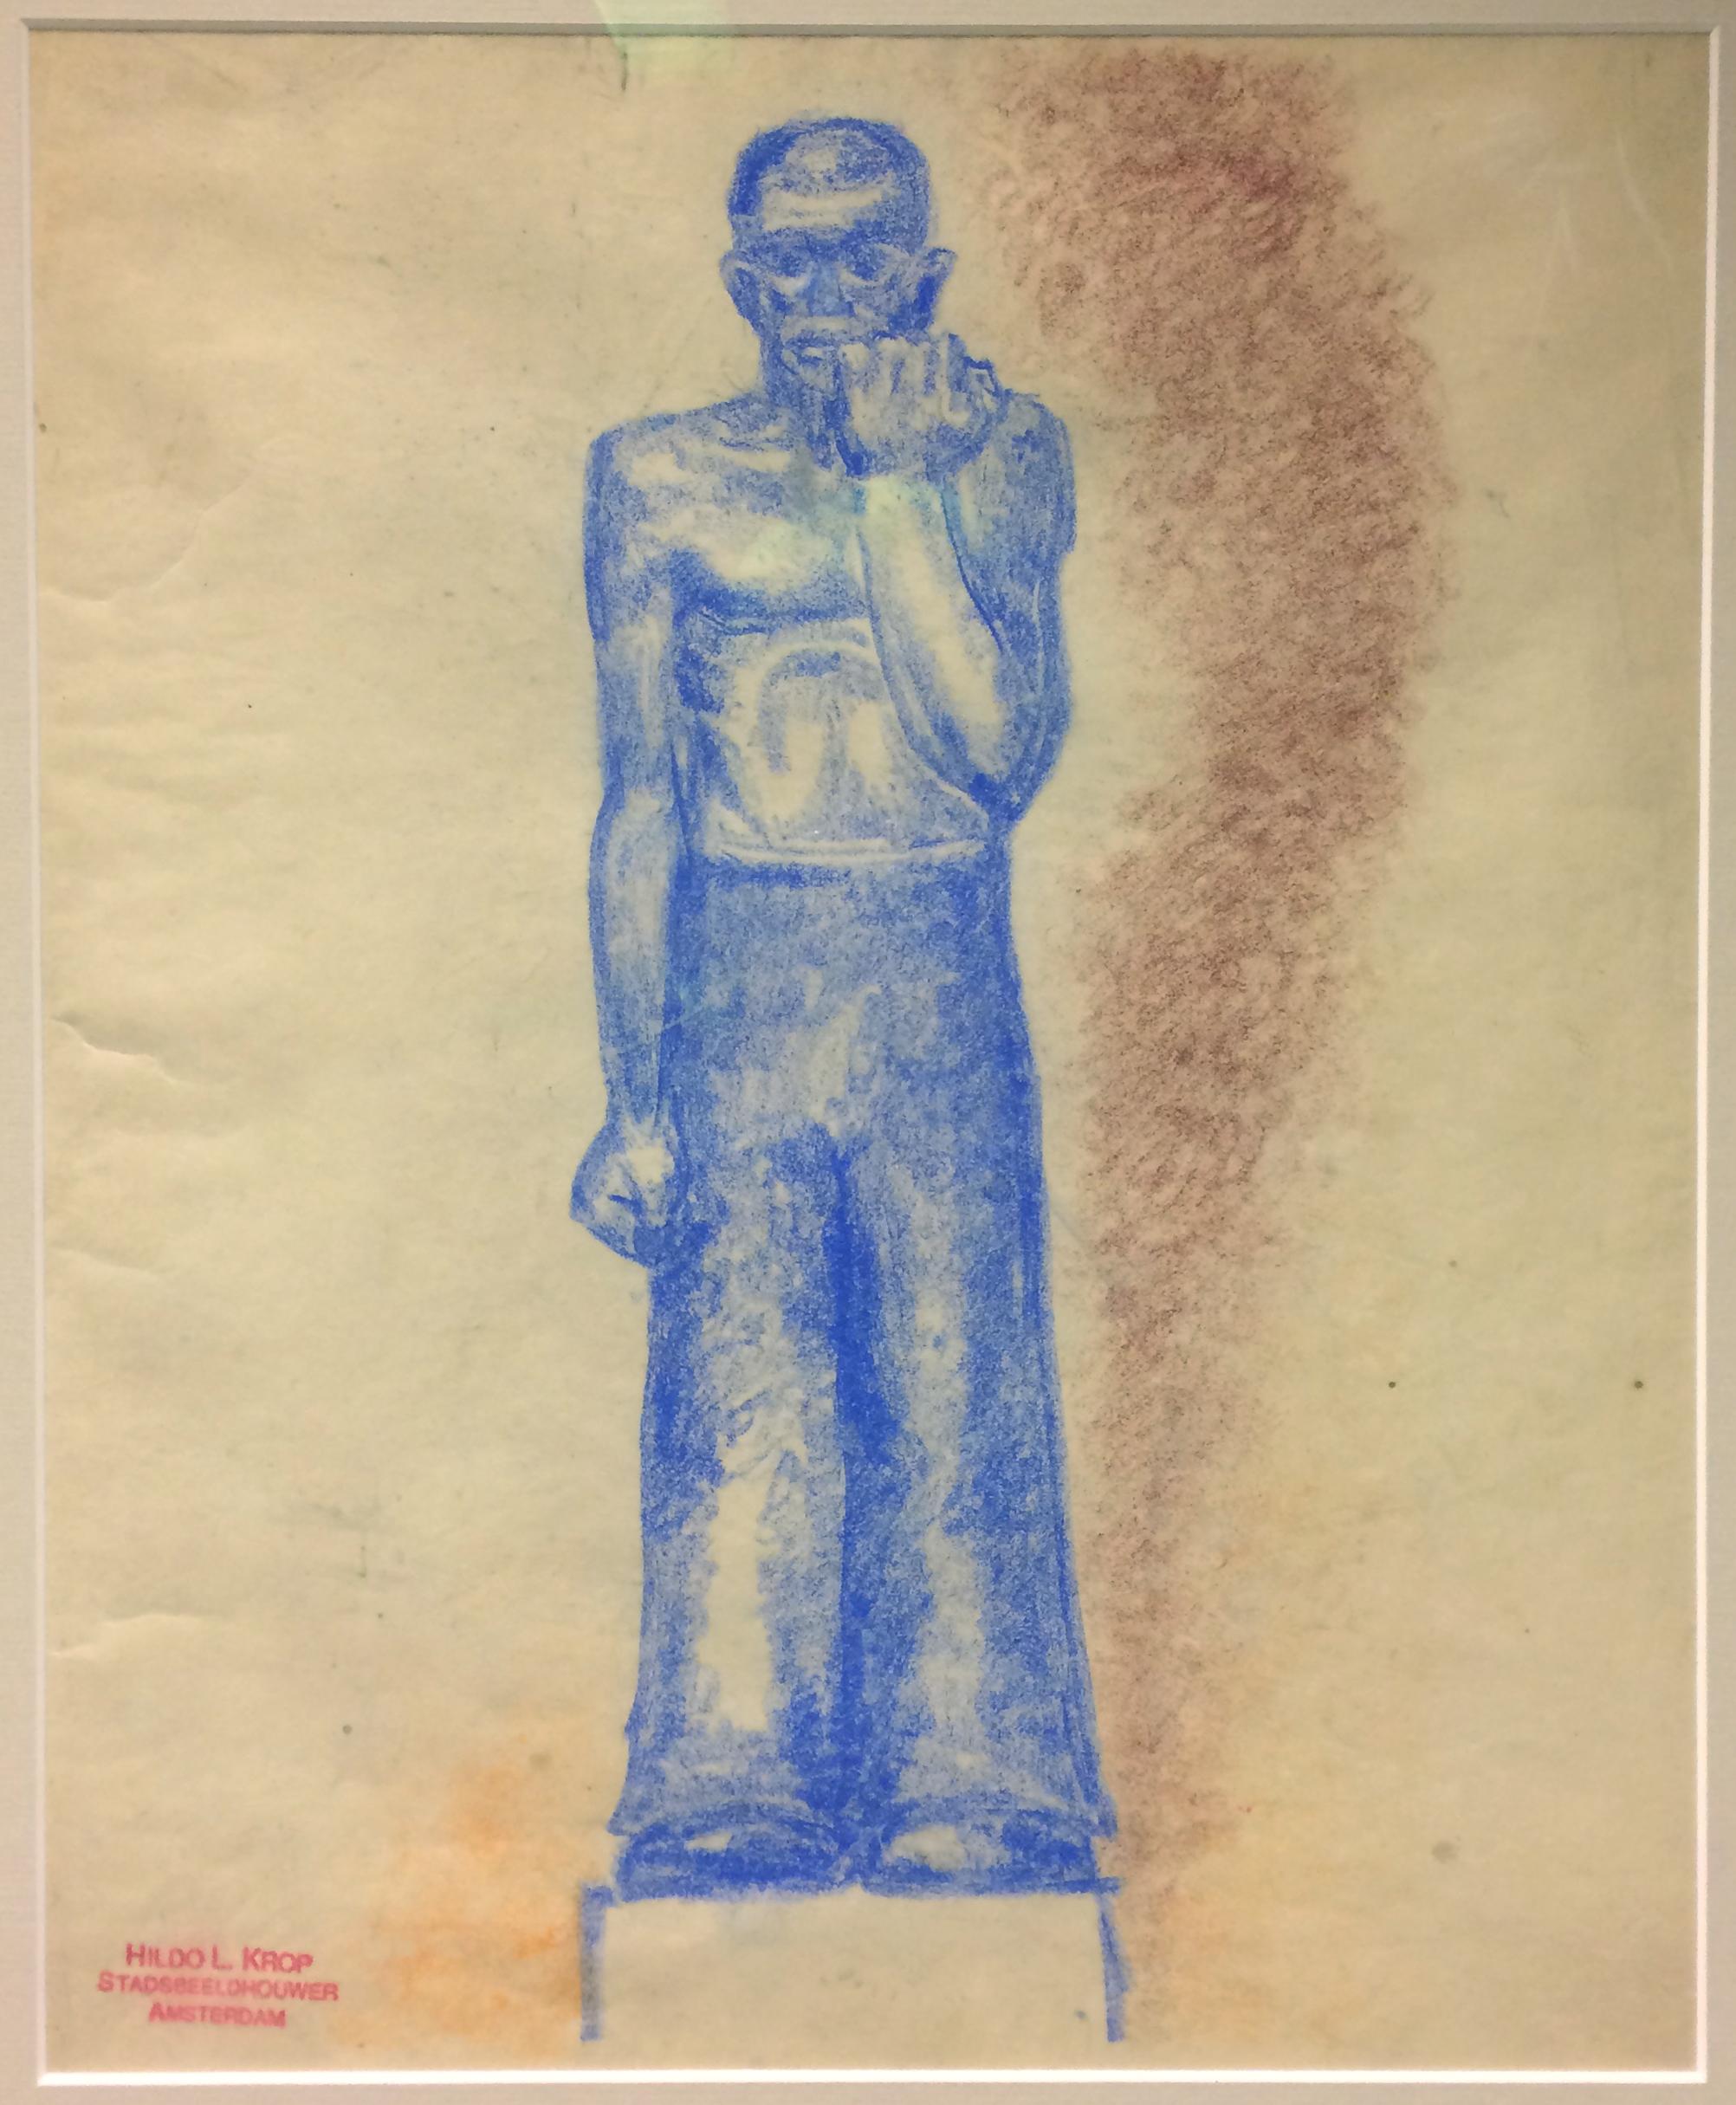 ontwerptekening-de-werkloze - collectie hildo krop museum, Steenwijk - foto: loek van vlerken 13-10-2016